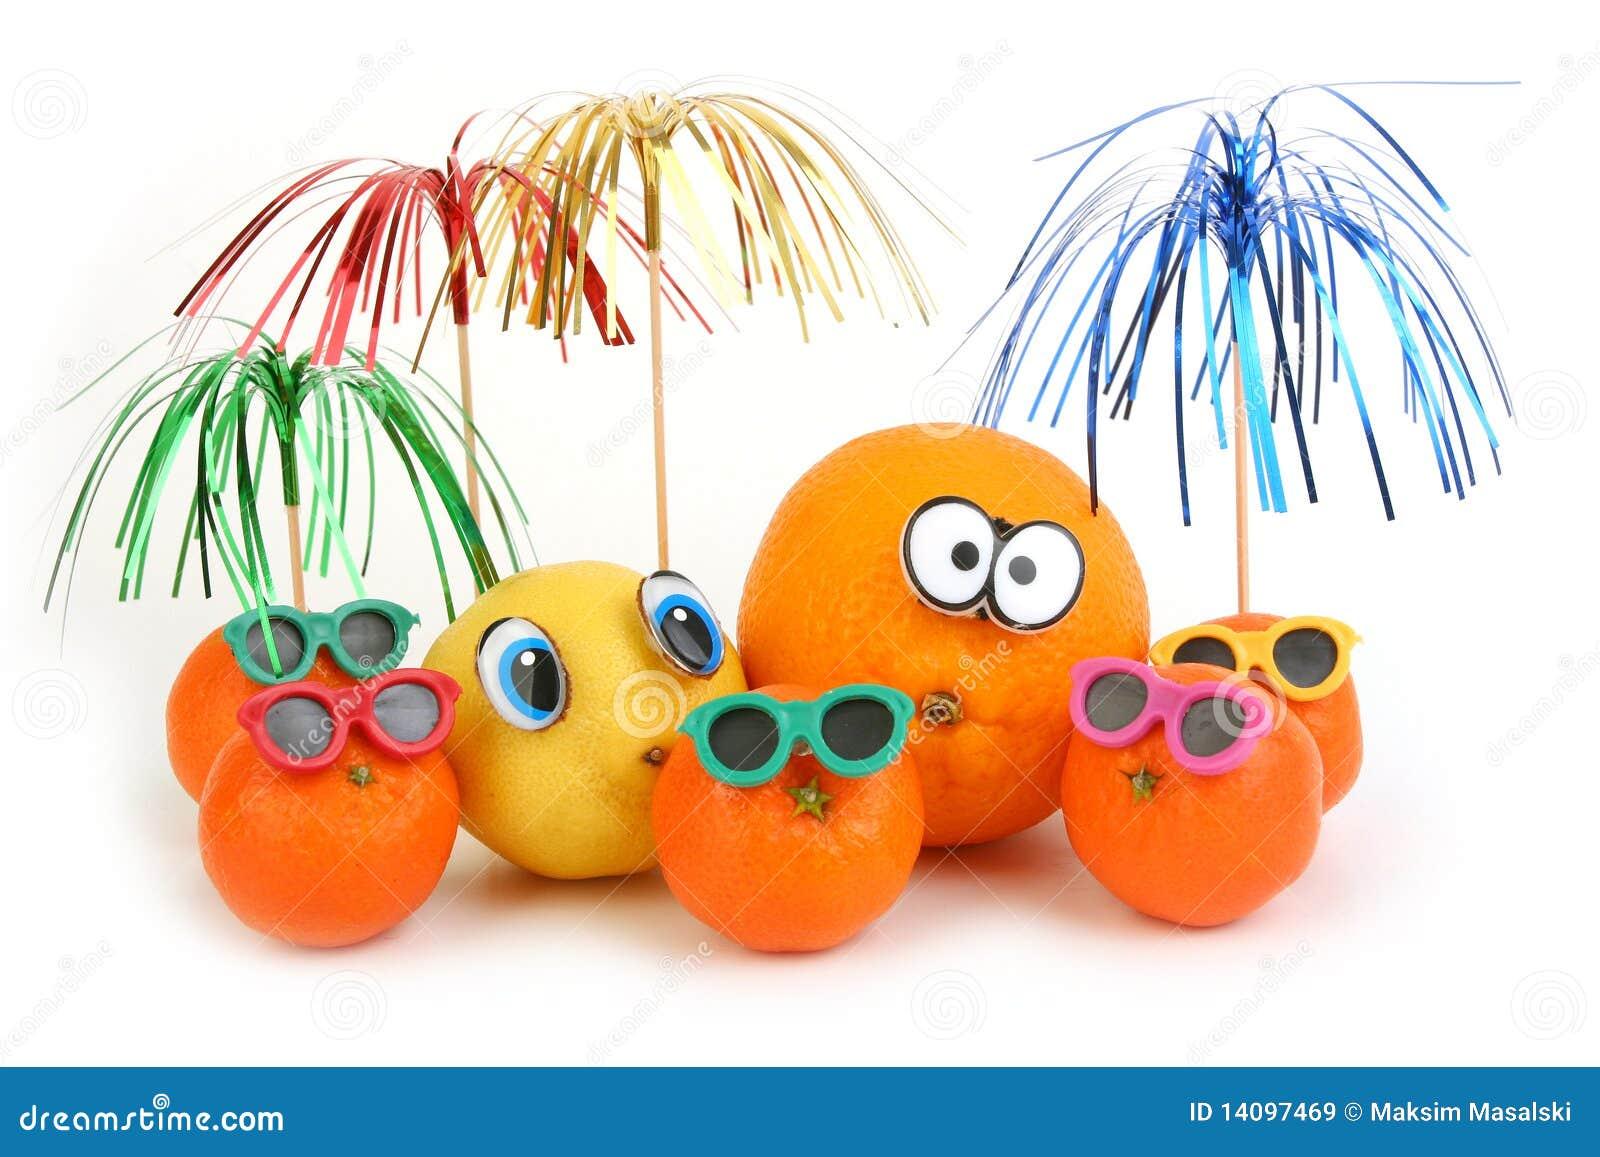 mandarin kürbis